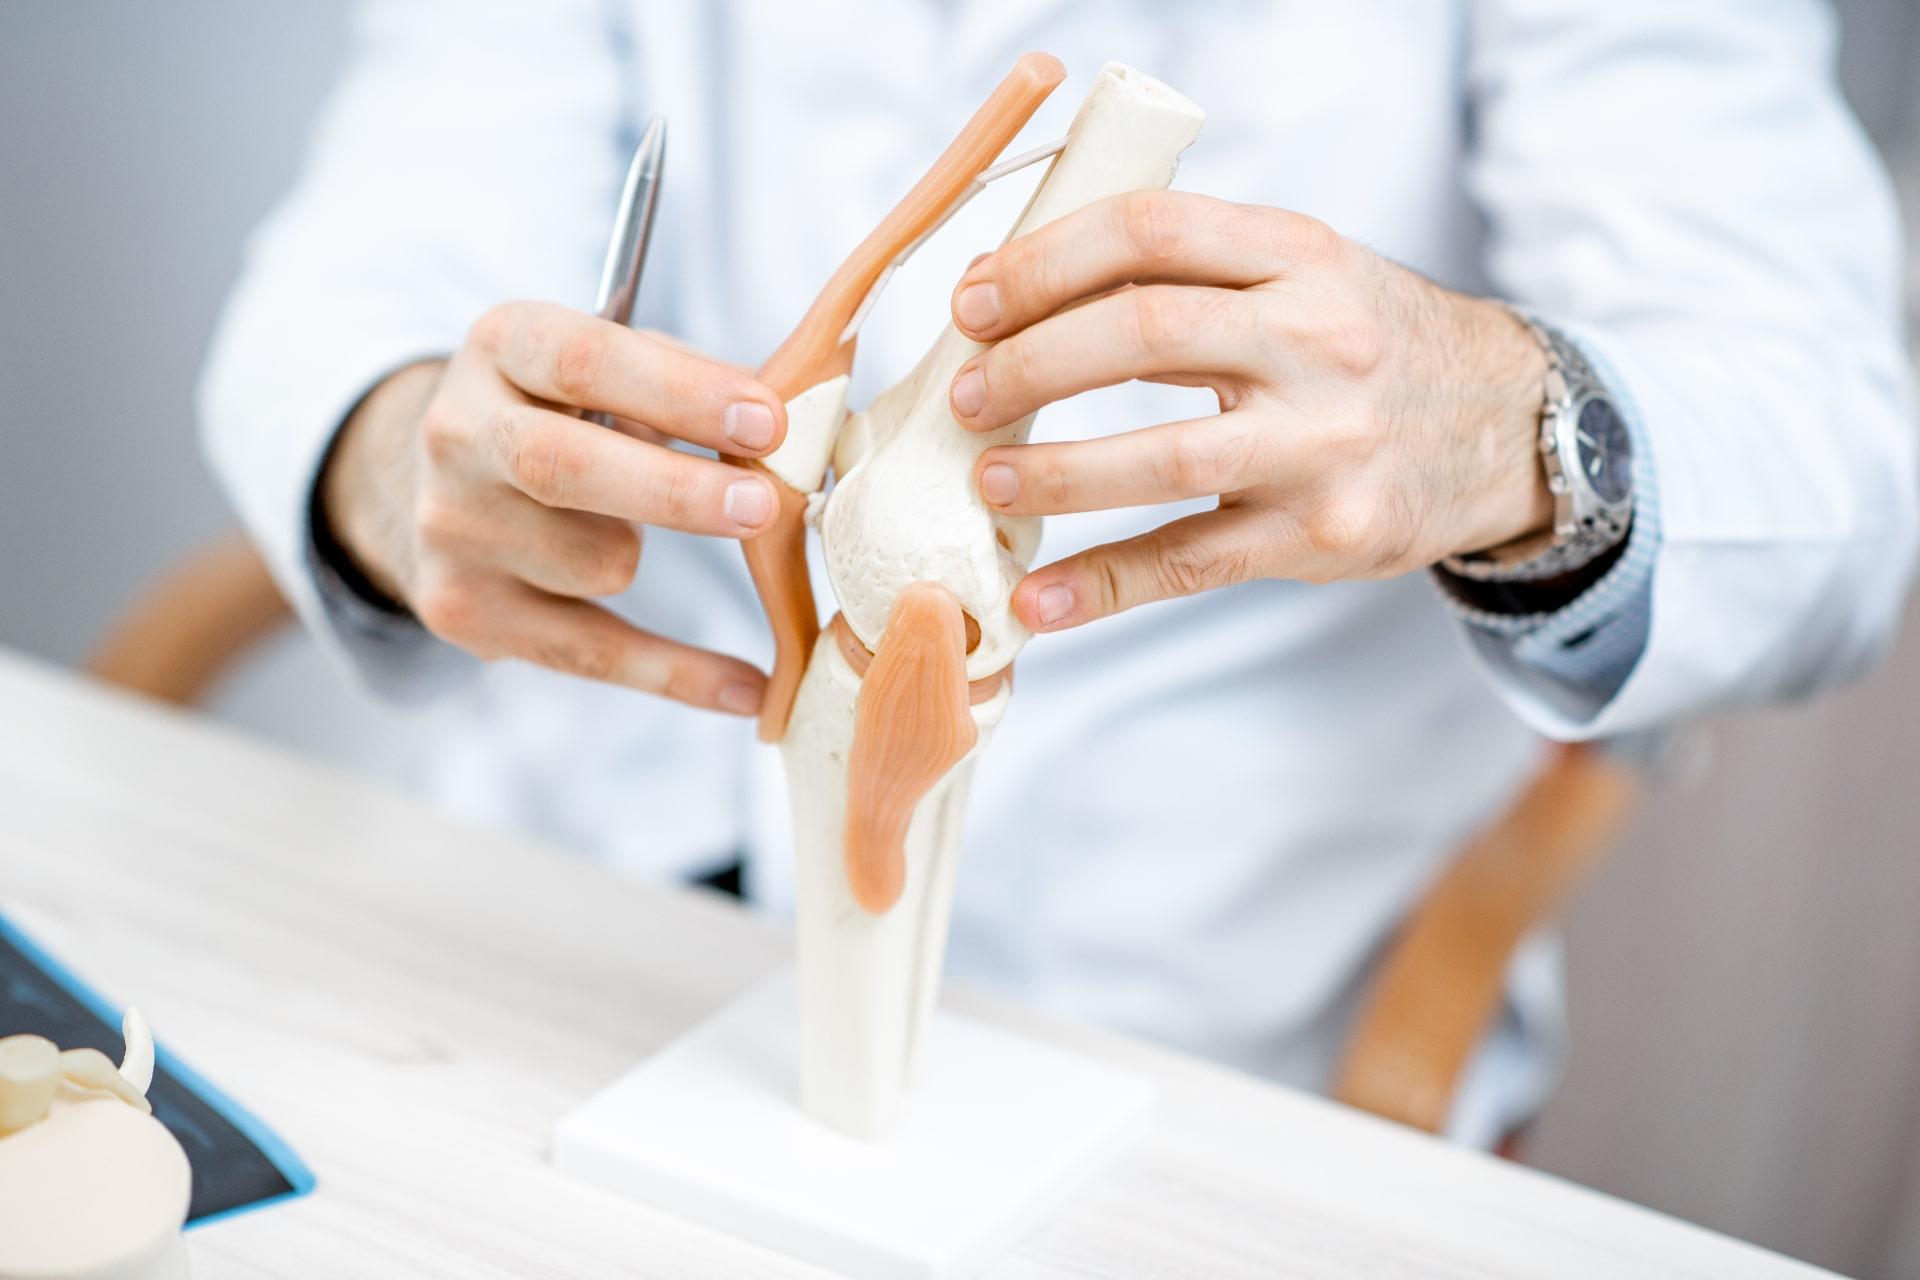 Protos-centro-medico-ortopedia